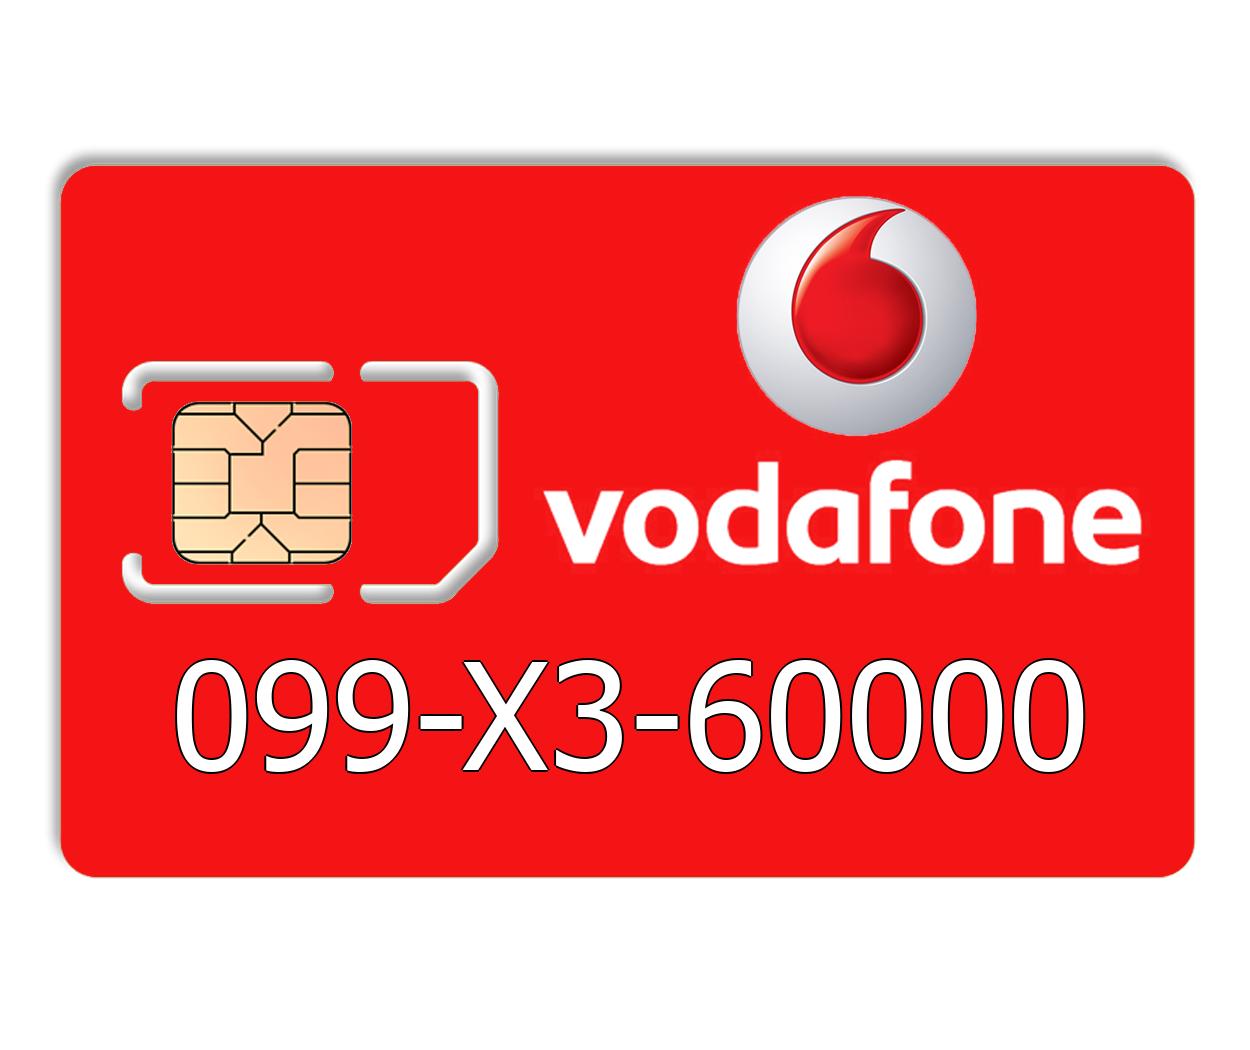 Красивый номер Vodafone 099-X3-60000